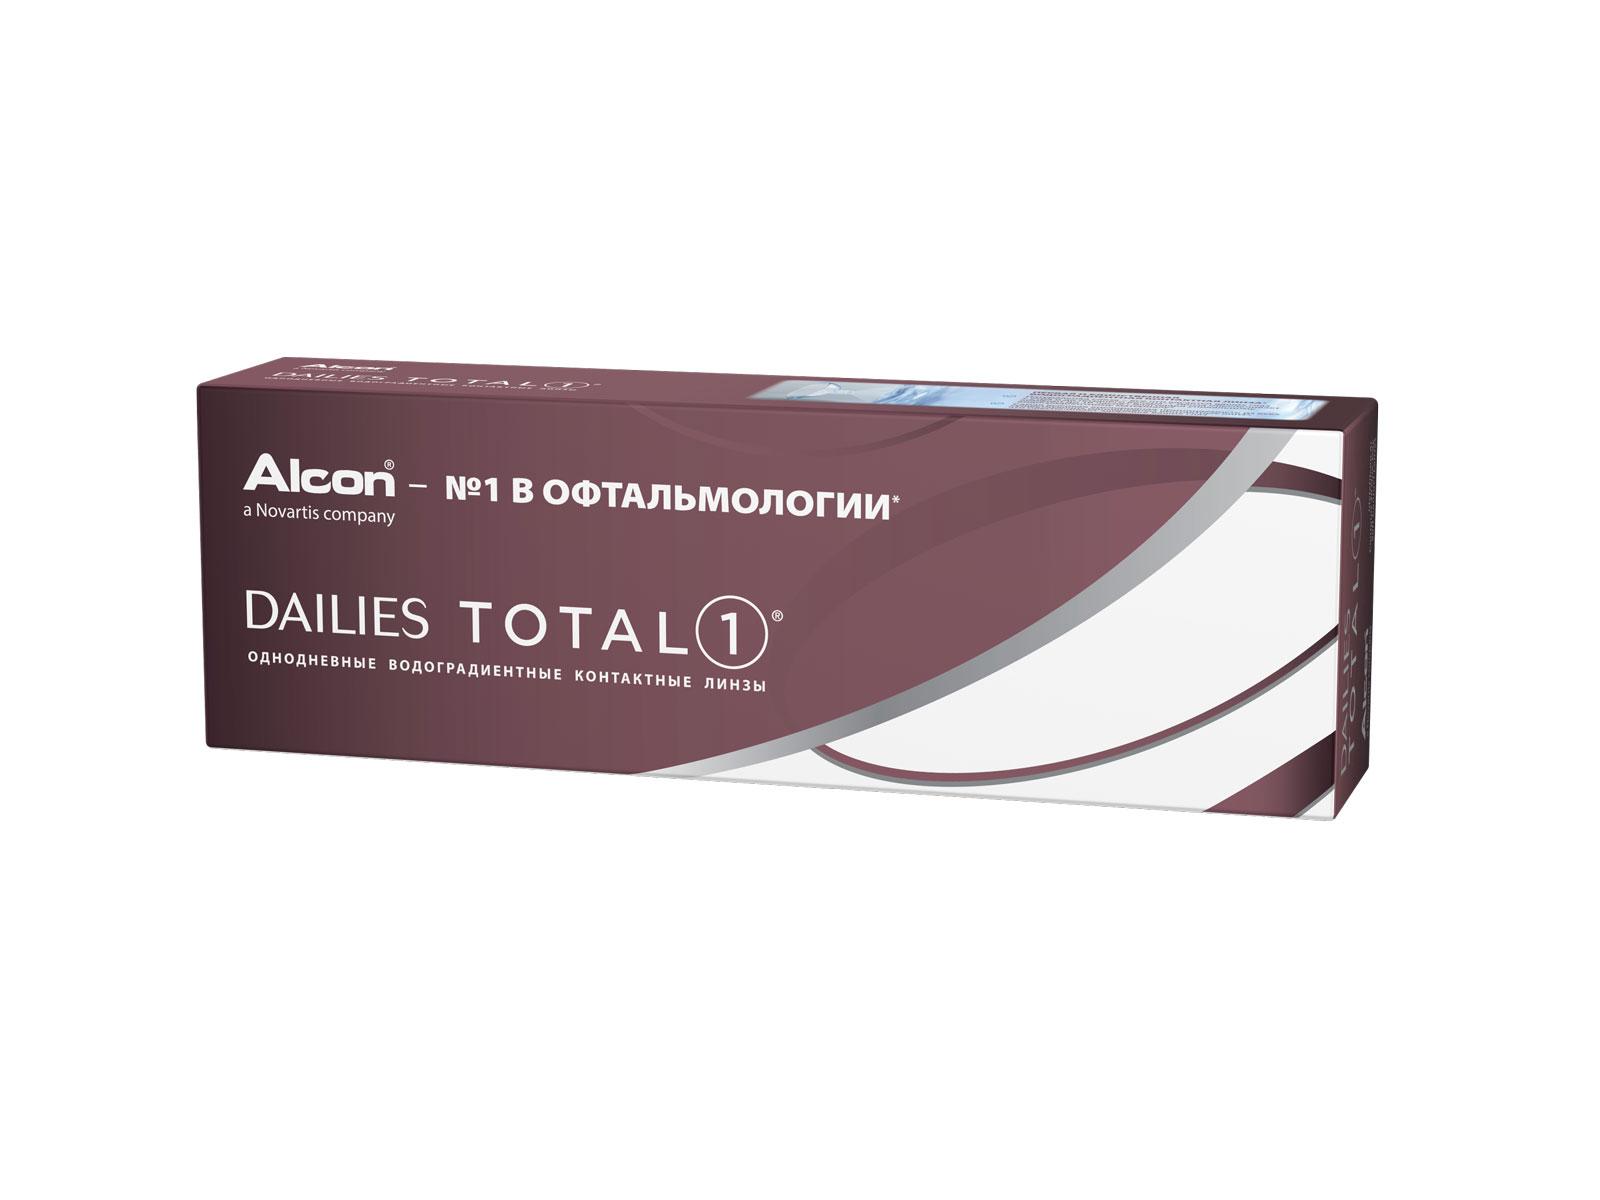 Alcon контактные линзы Dailies Total 1 30pk /-1.25 / 8.5 / 14.1100025091Dailies Total 1 – линзы, которые не чувствуешь с утра и до поздного вечера. Эти однодневные контактные линзы выполнены из уникального водоградиентного материала, багодаря которому натуральная слеза – это все, что касается ваших глаз. Почти 100% влаги на поверхности обеспечивают непревзойденный комфорт до 16 часов ношения.